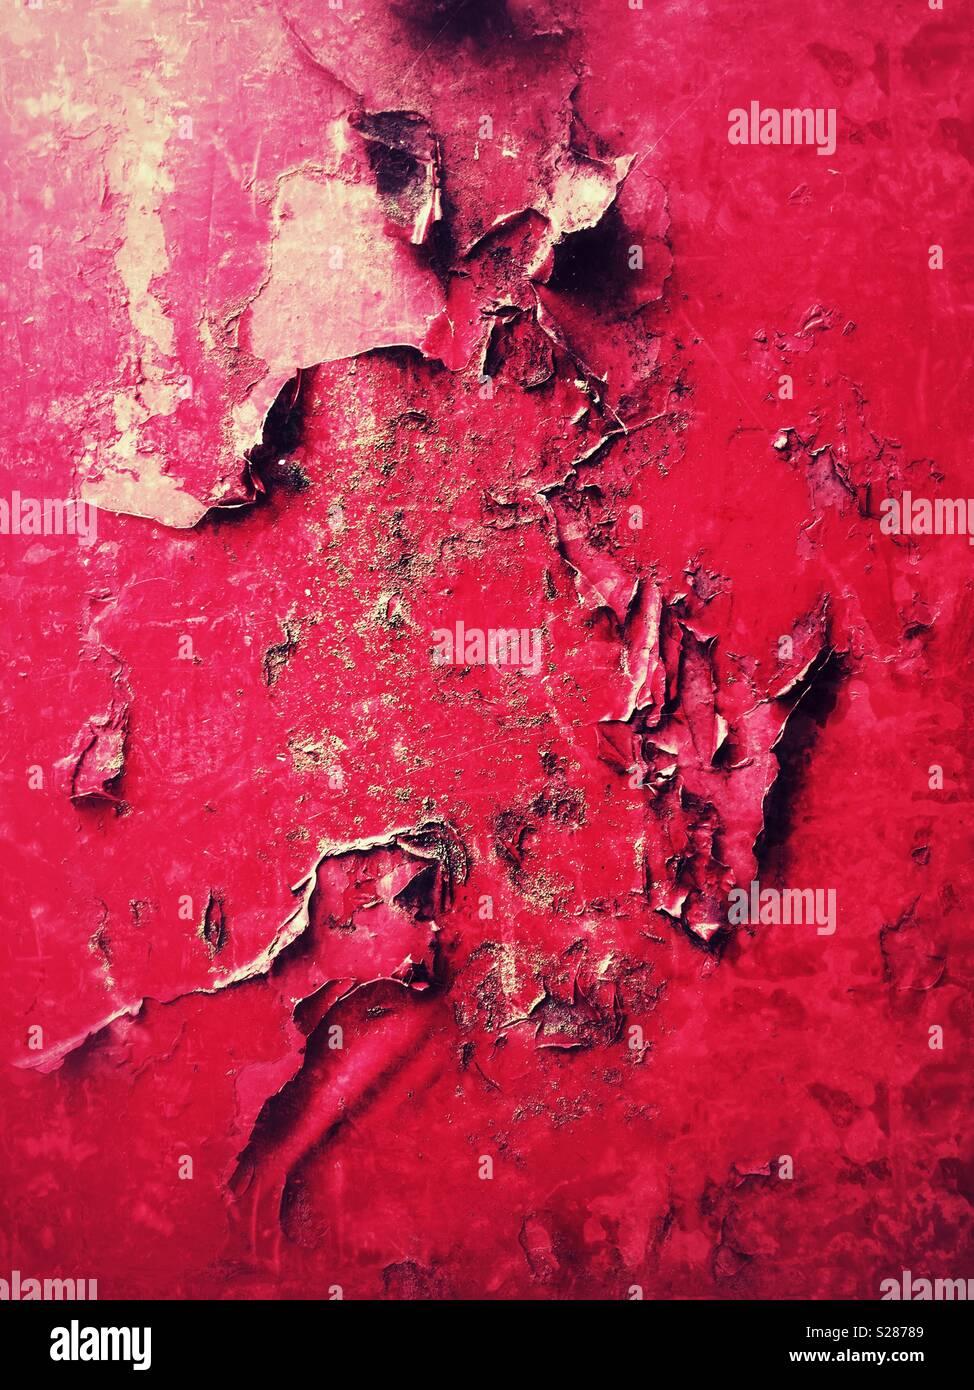 Blasen und Peeling roter Farbe auf das rostige Metall arbeiten Stockbild